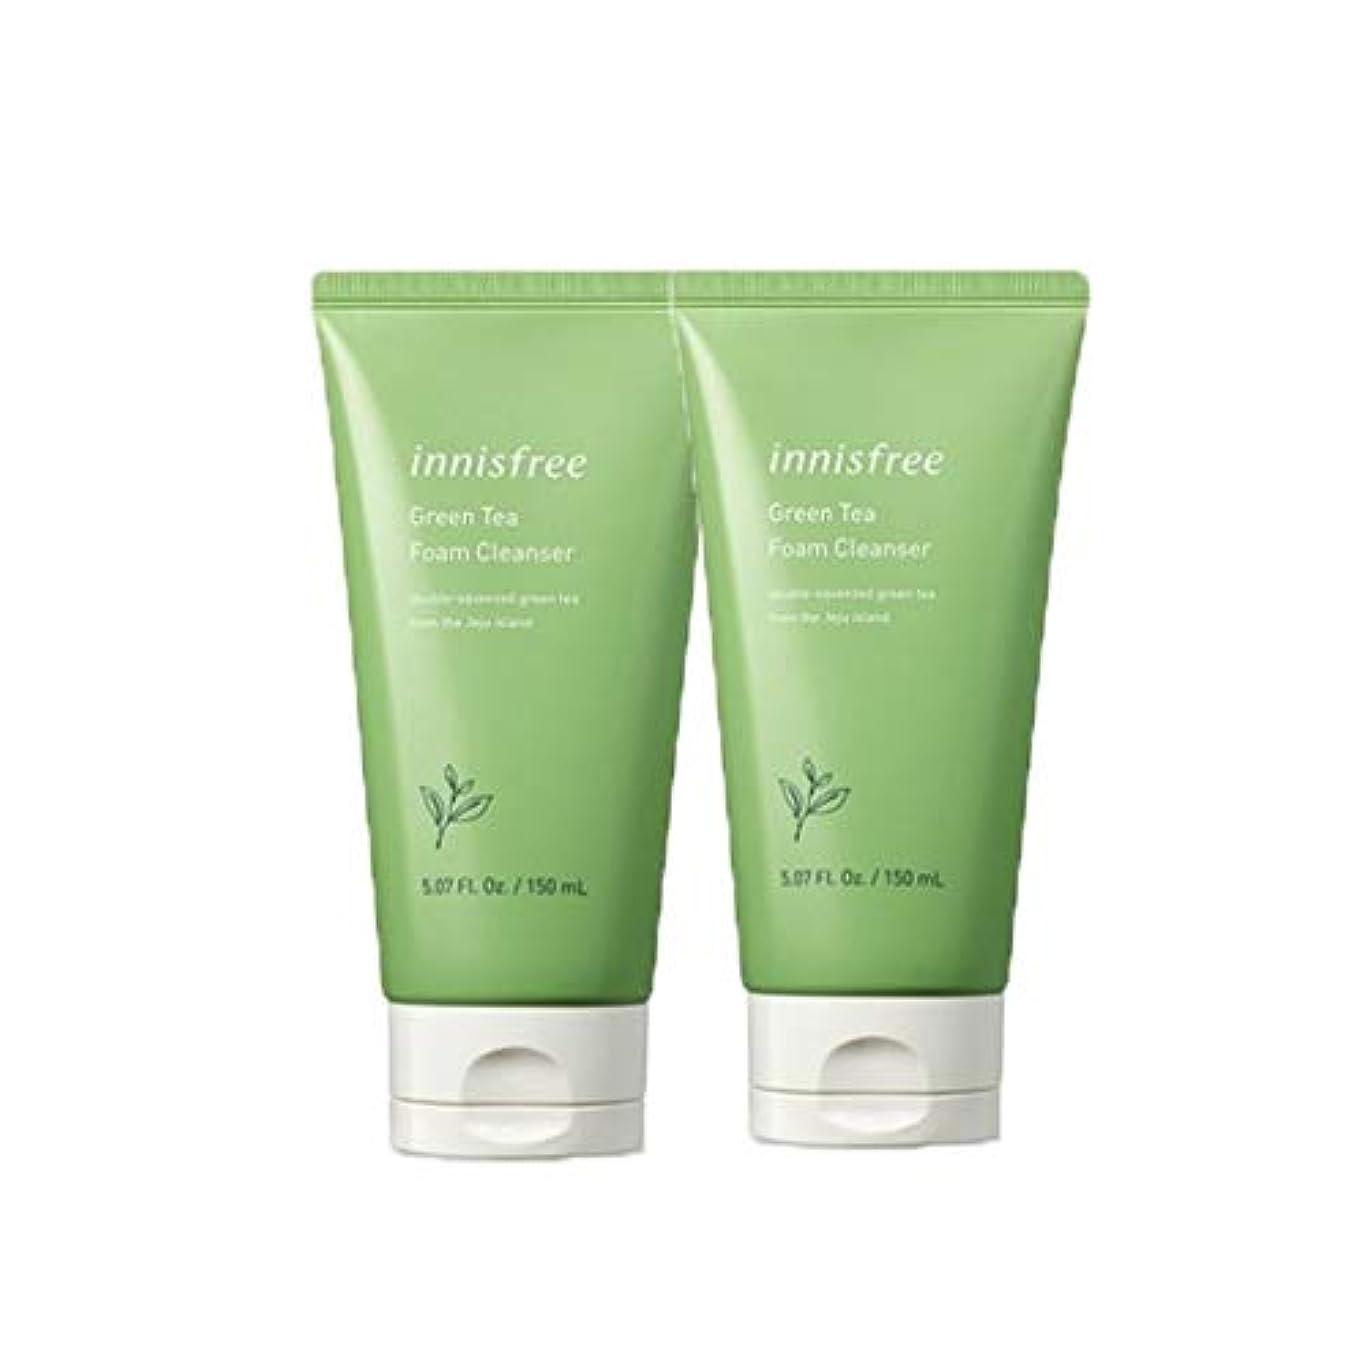 適性パレードシャーイニスフリーグリーンティーフォームクレンザー150mlx2本セット韓国コスメ、innisfree Green Tea Foam Cleanser 150ml x 2ea Set Korean Cosmetics [並行輸入品]